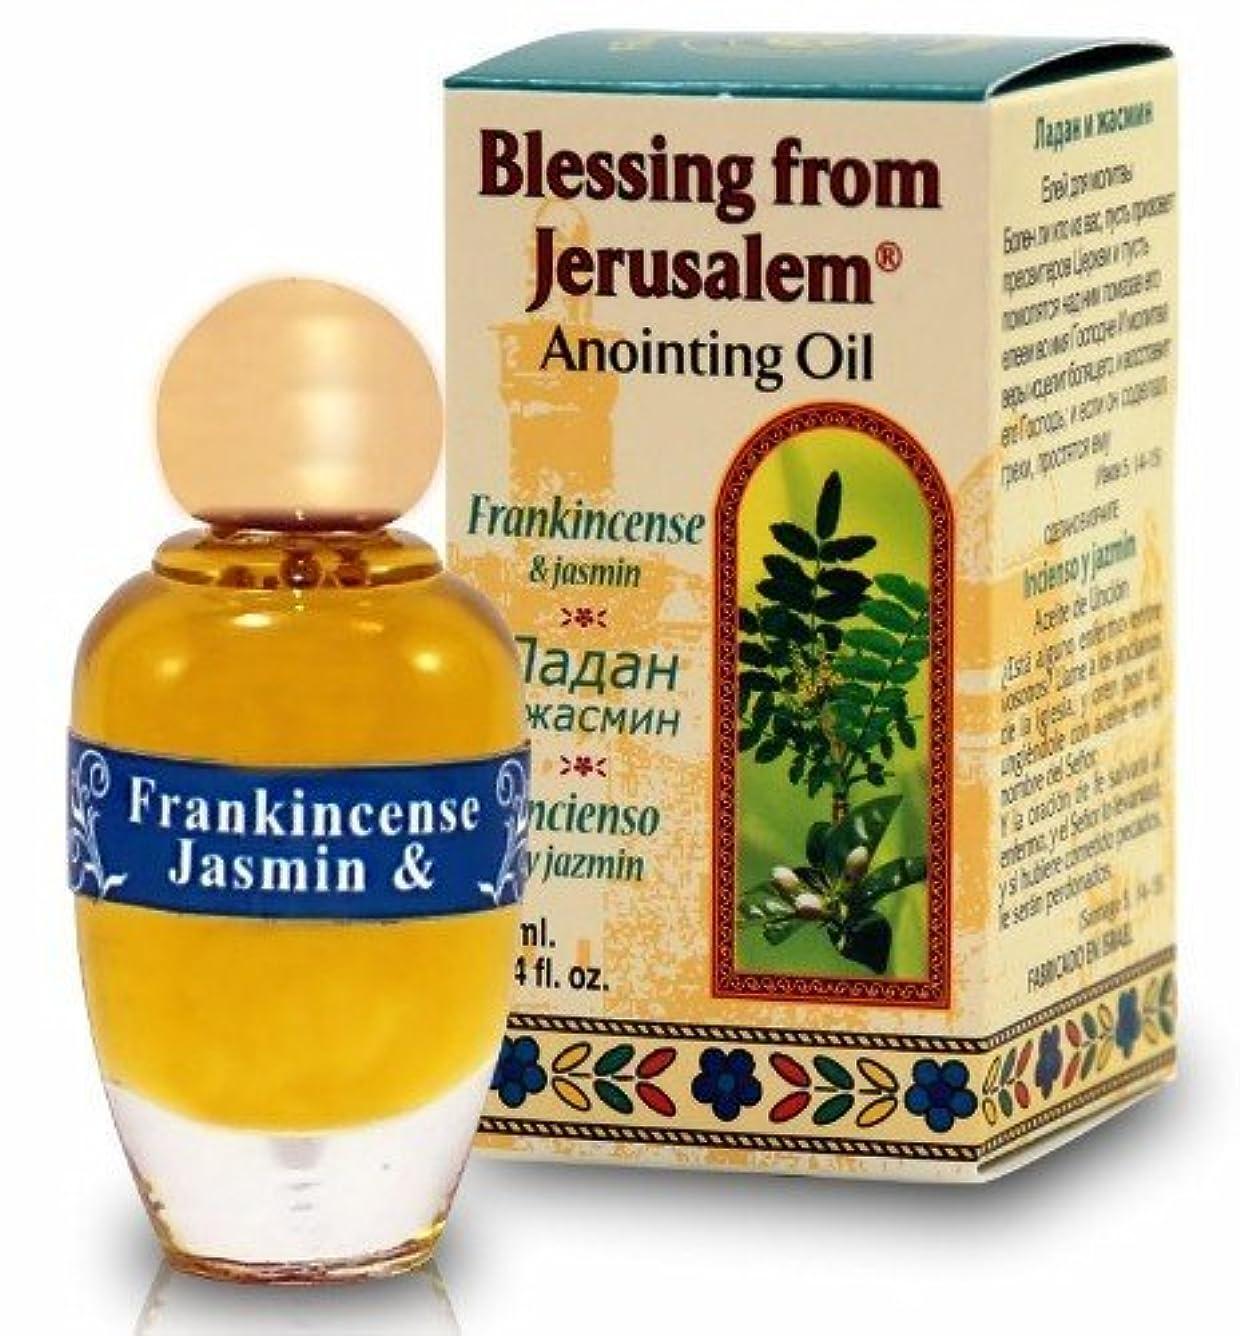 ニュース贈り物是正Top Seller Frankincense &ジャスミンAnointing Oil byベツレヘムギフトTM